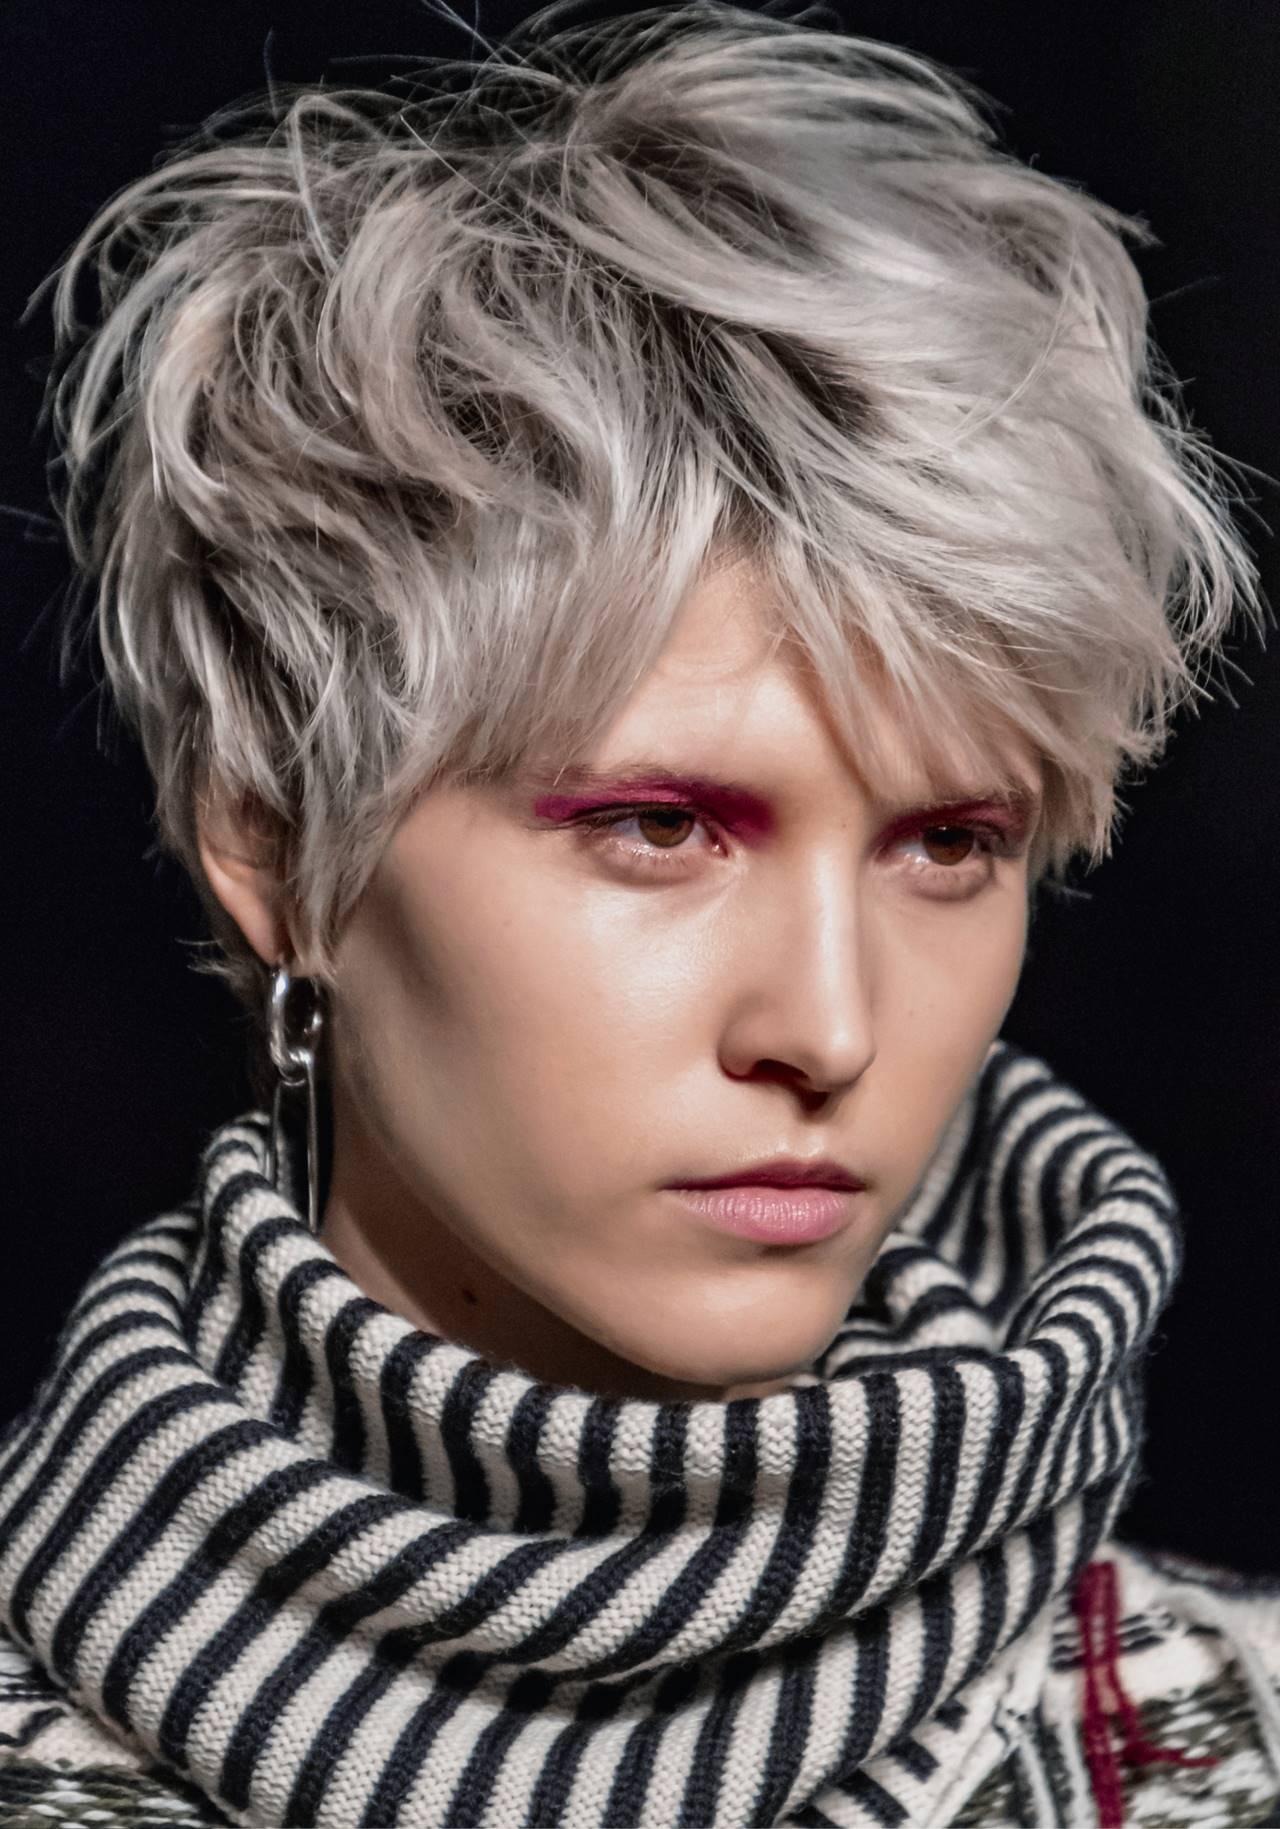 Varios peinados peinados cortos 2021 Galería de cortes de pelo tutoriales - Cortes de pelo corto: 15 ideas para Otoño/Invierno 2020-2021